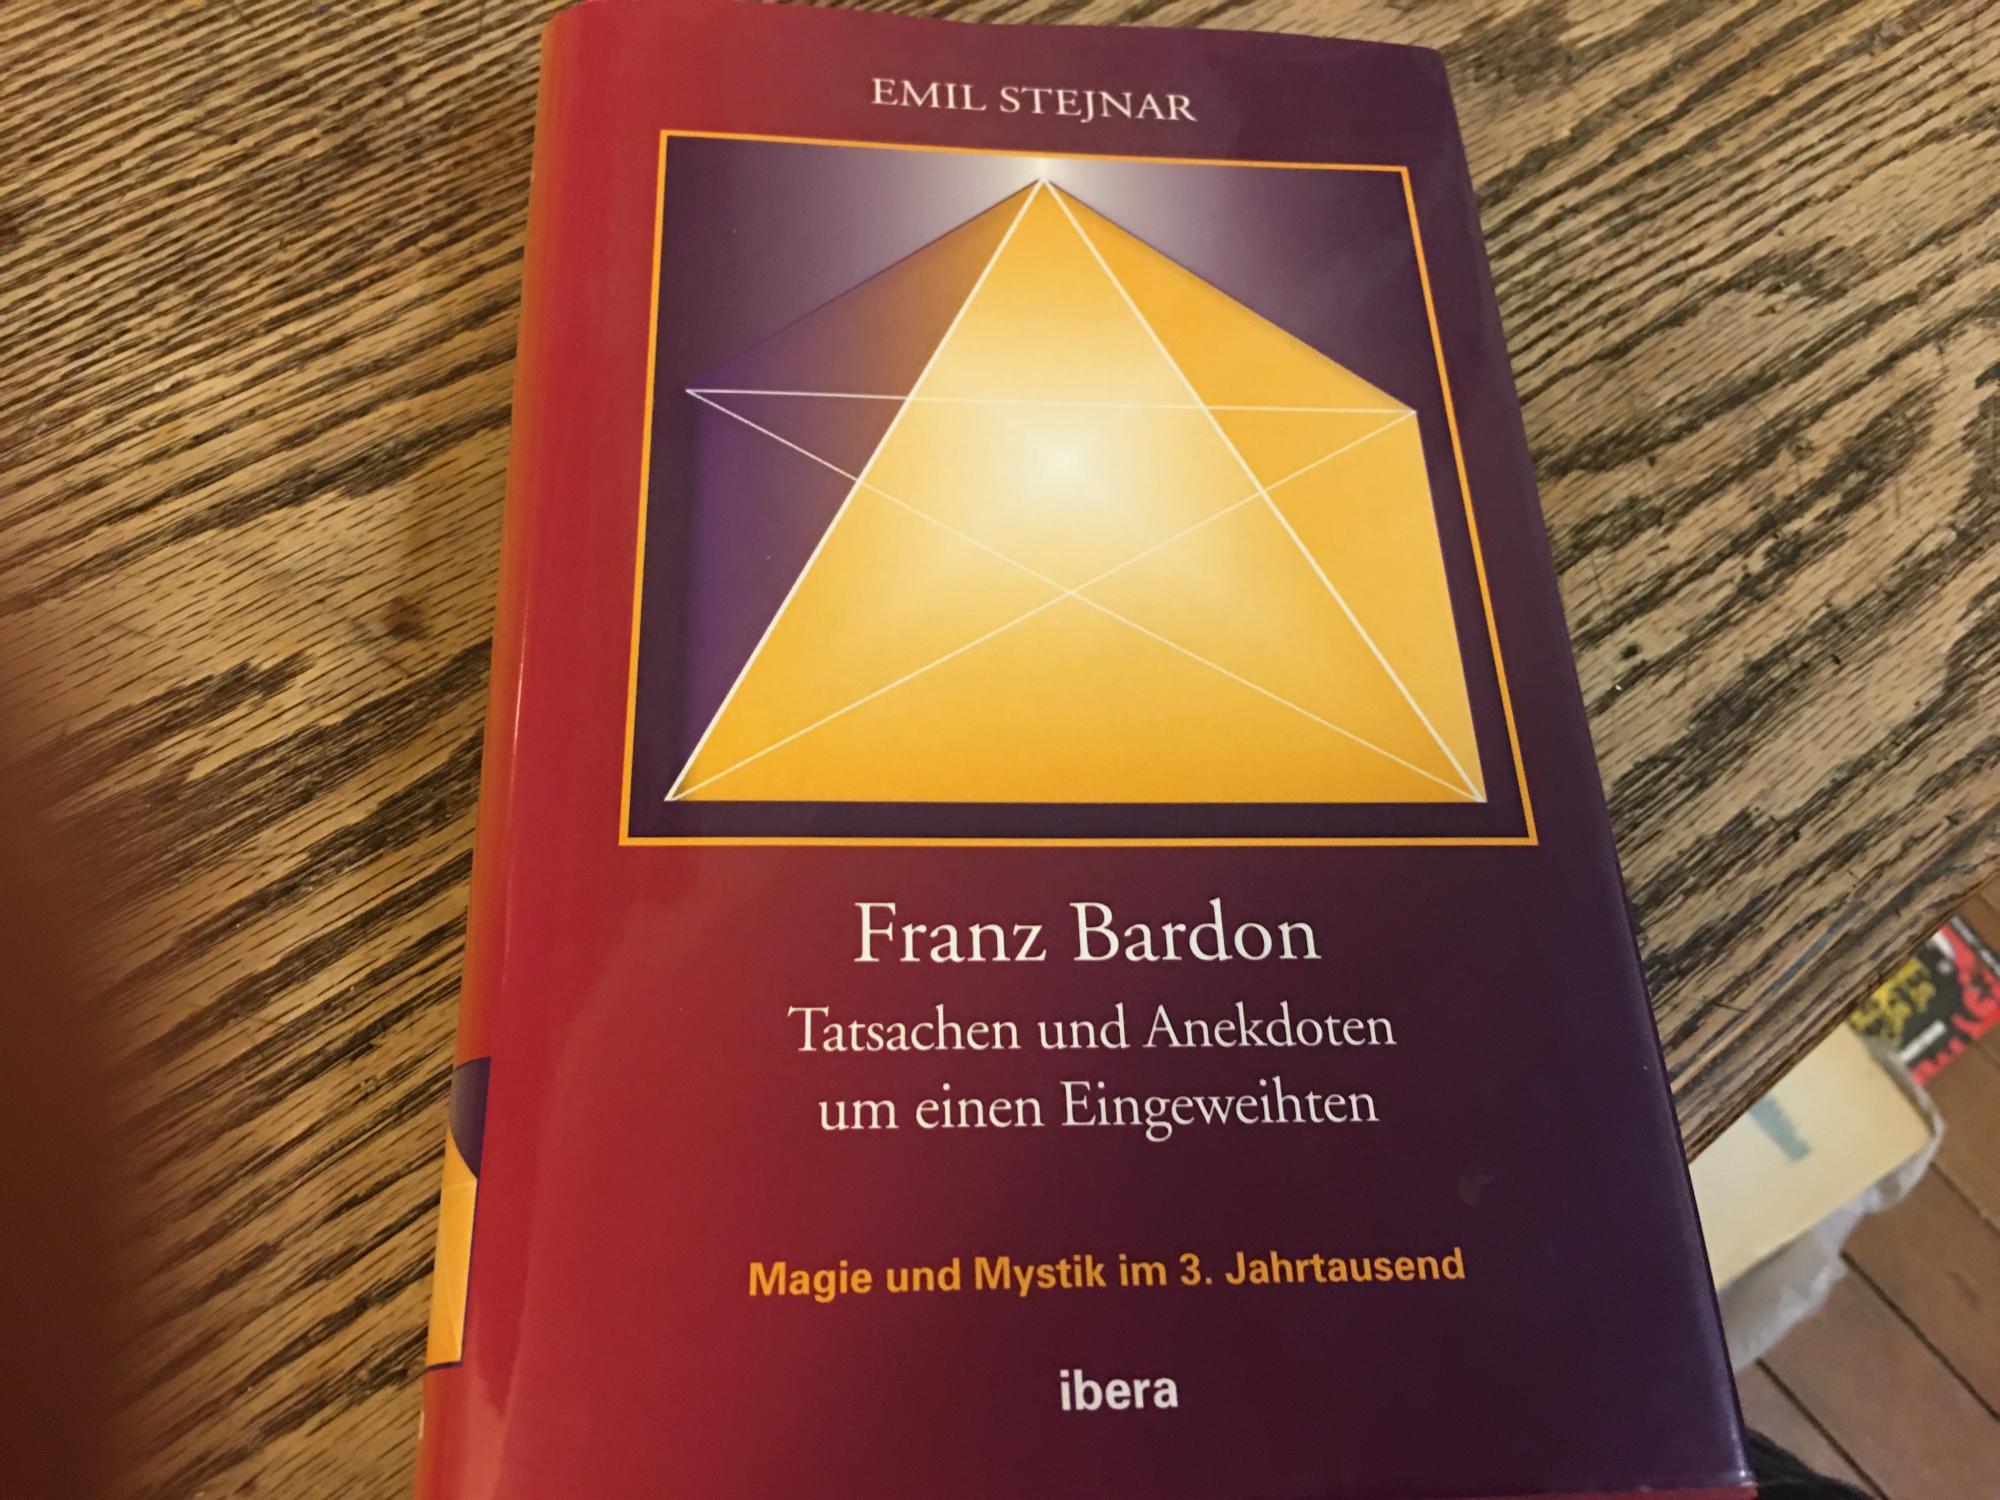 Franz Bardon: Tatsachen und Anekdoten um einen Eingeweihten - Stejnar, Emil